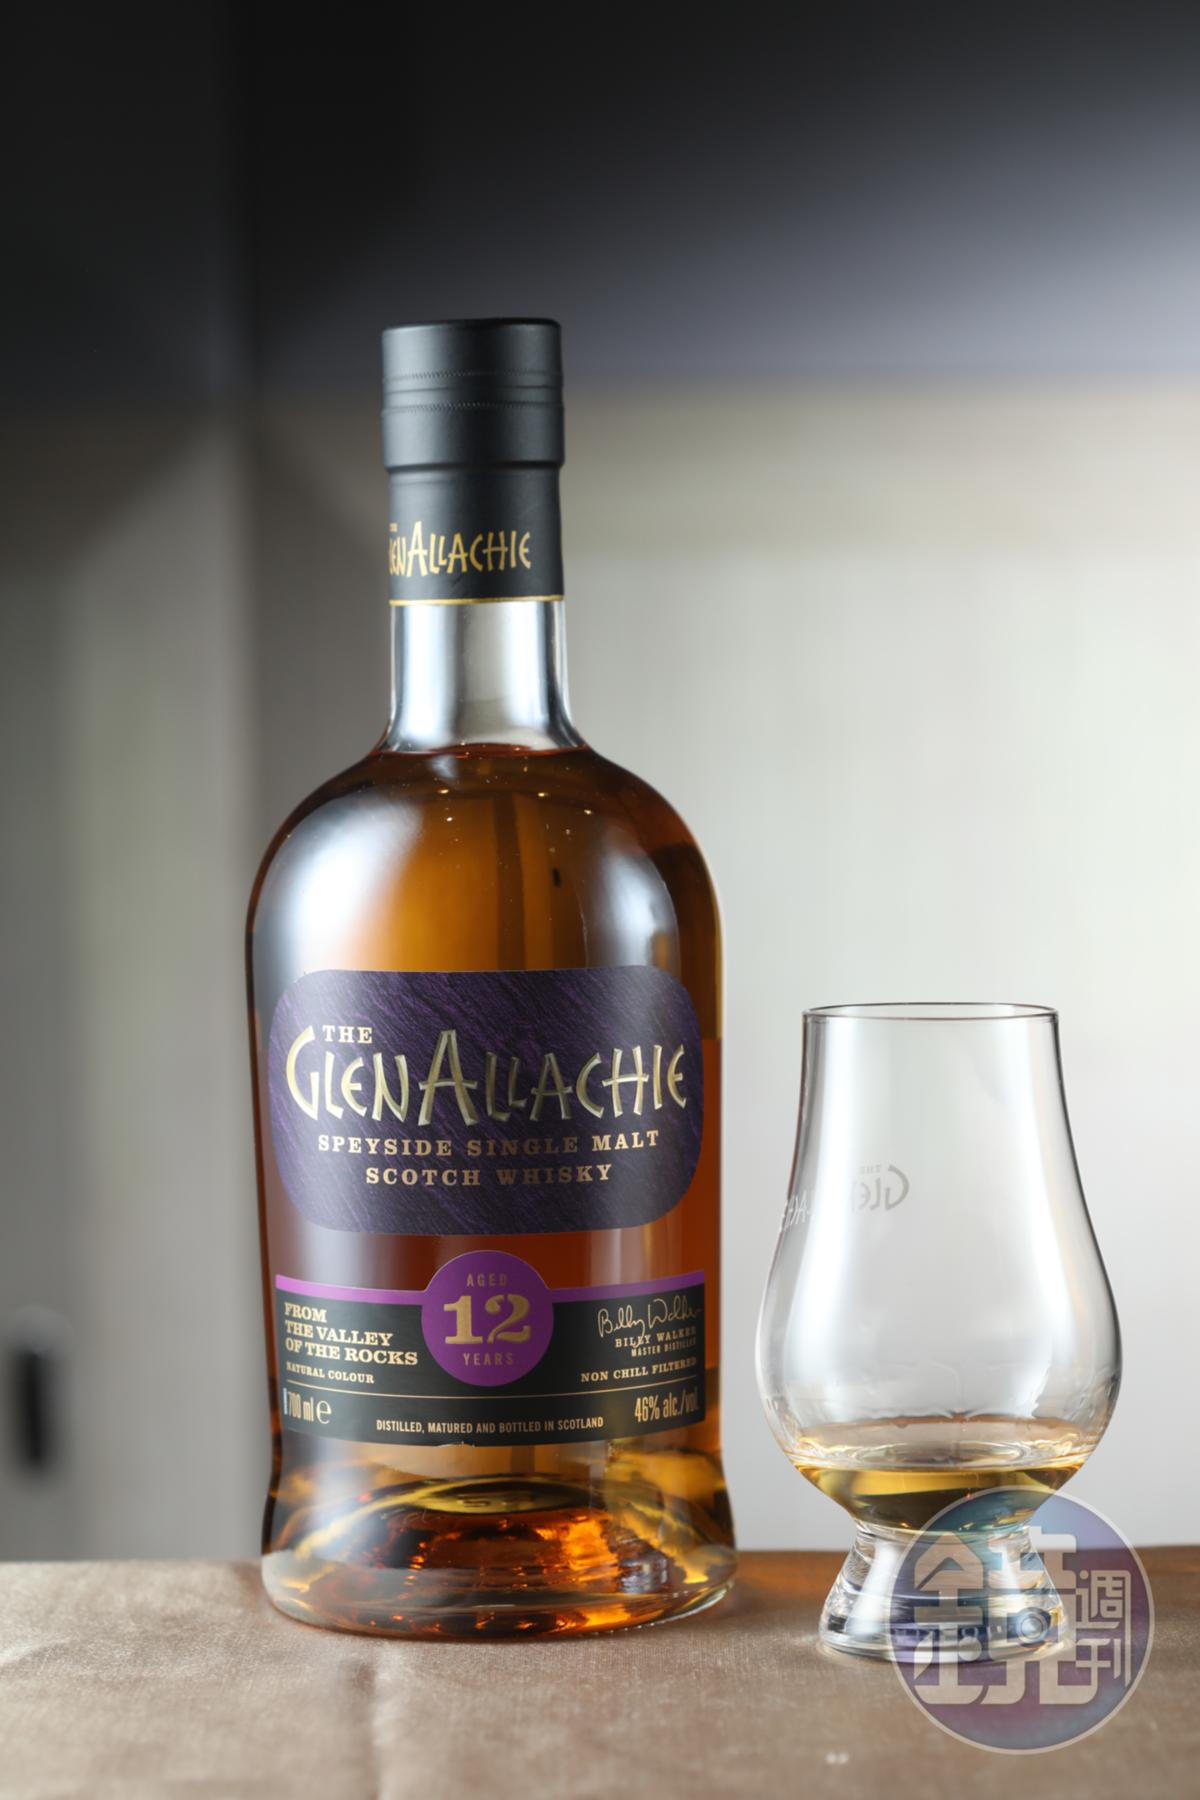 旗艦酒款的「艾樂奇12年單一純麥威士忌」,品飲時能聞到淡淡的葡萄乾與摩卡咖啡風味。(1,680元/瓶)